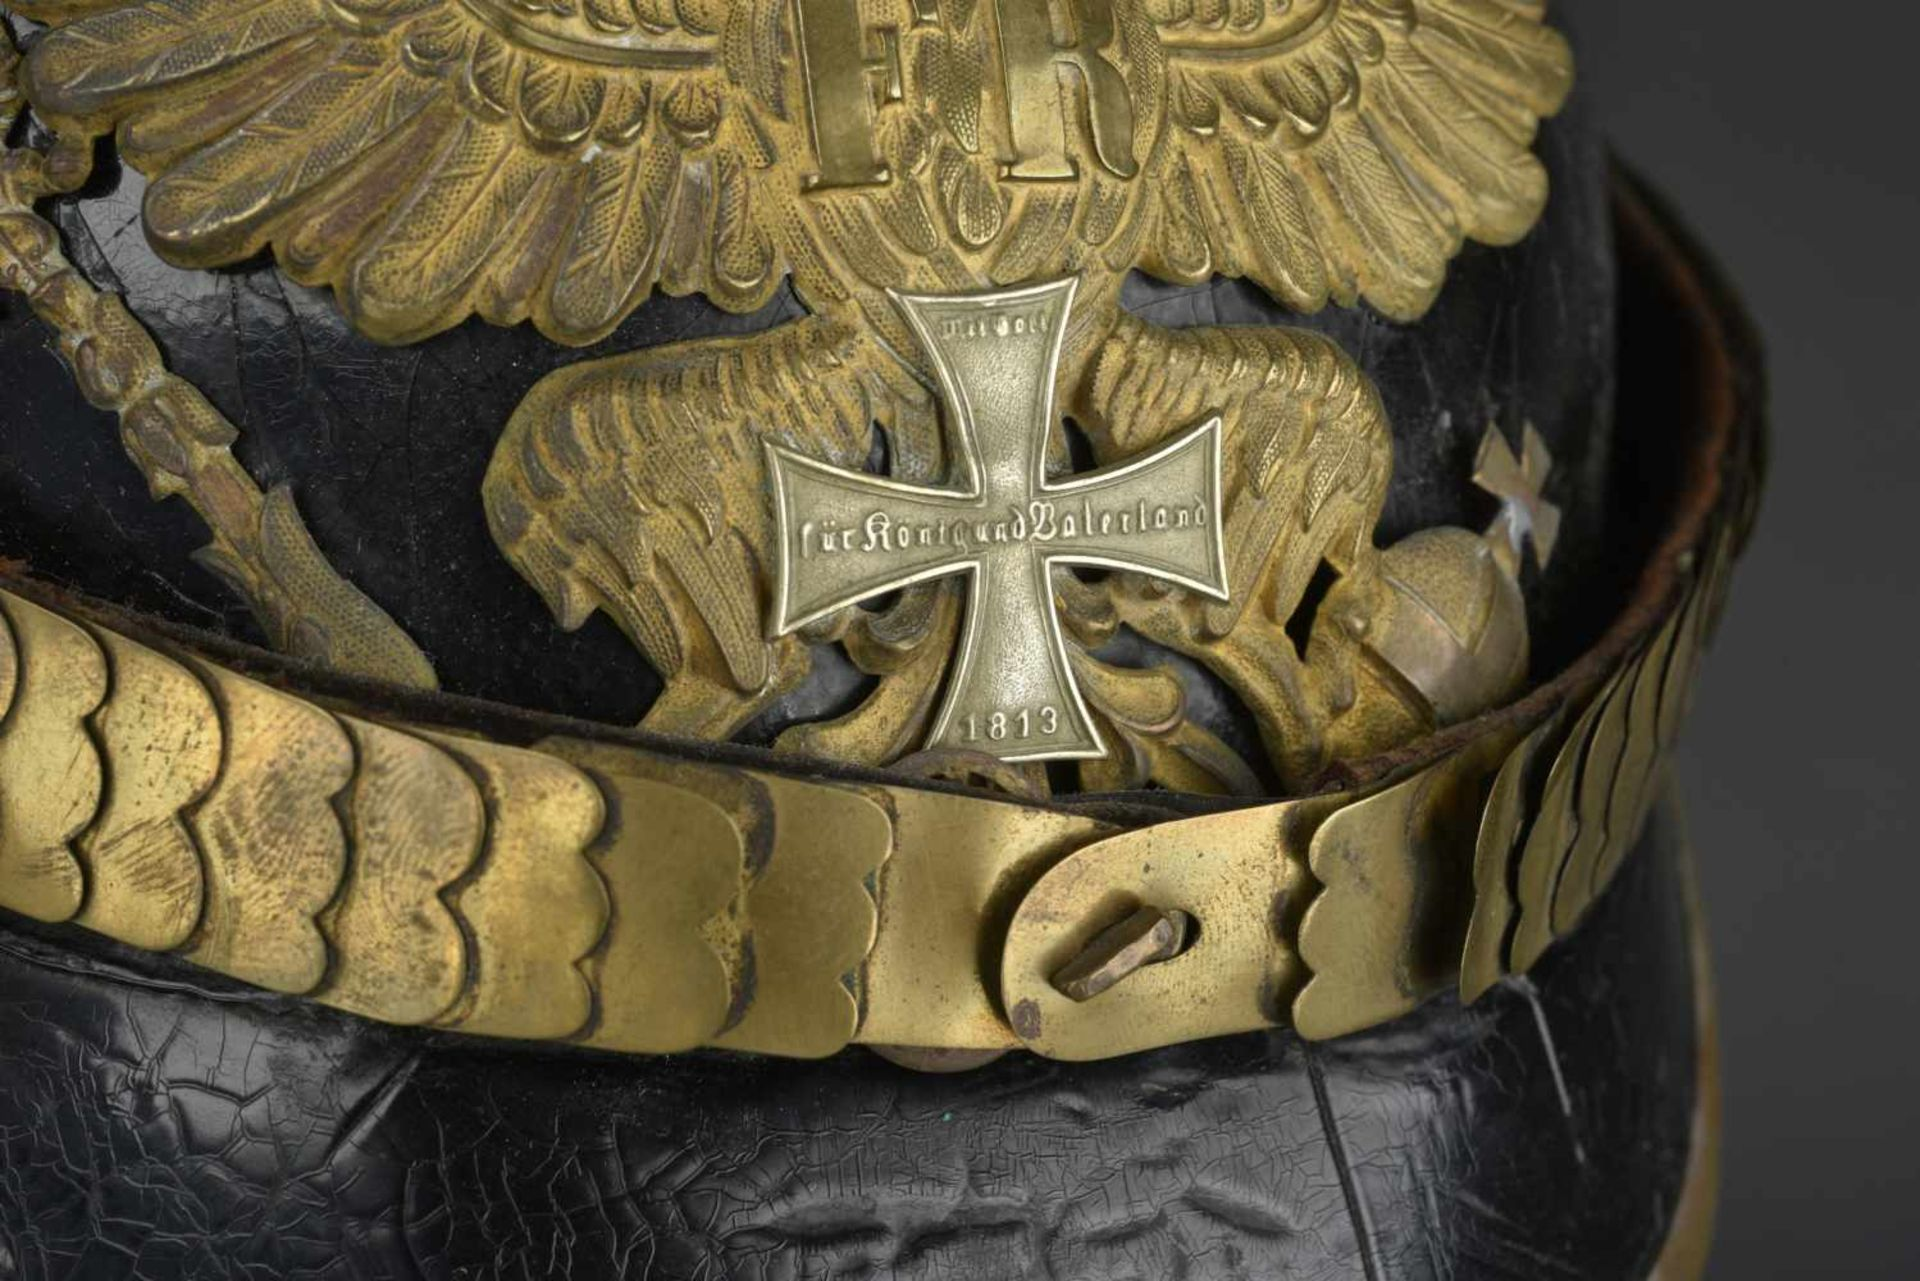 Los 9 - PRUSSE Casque d'artilleur modèle 1871/99 d'engagé Prussien de réserve Soie de la coiffe absente.